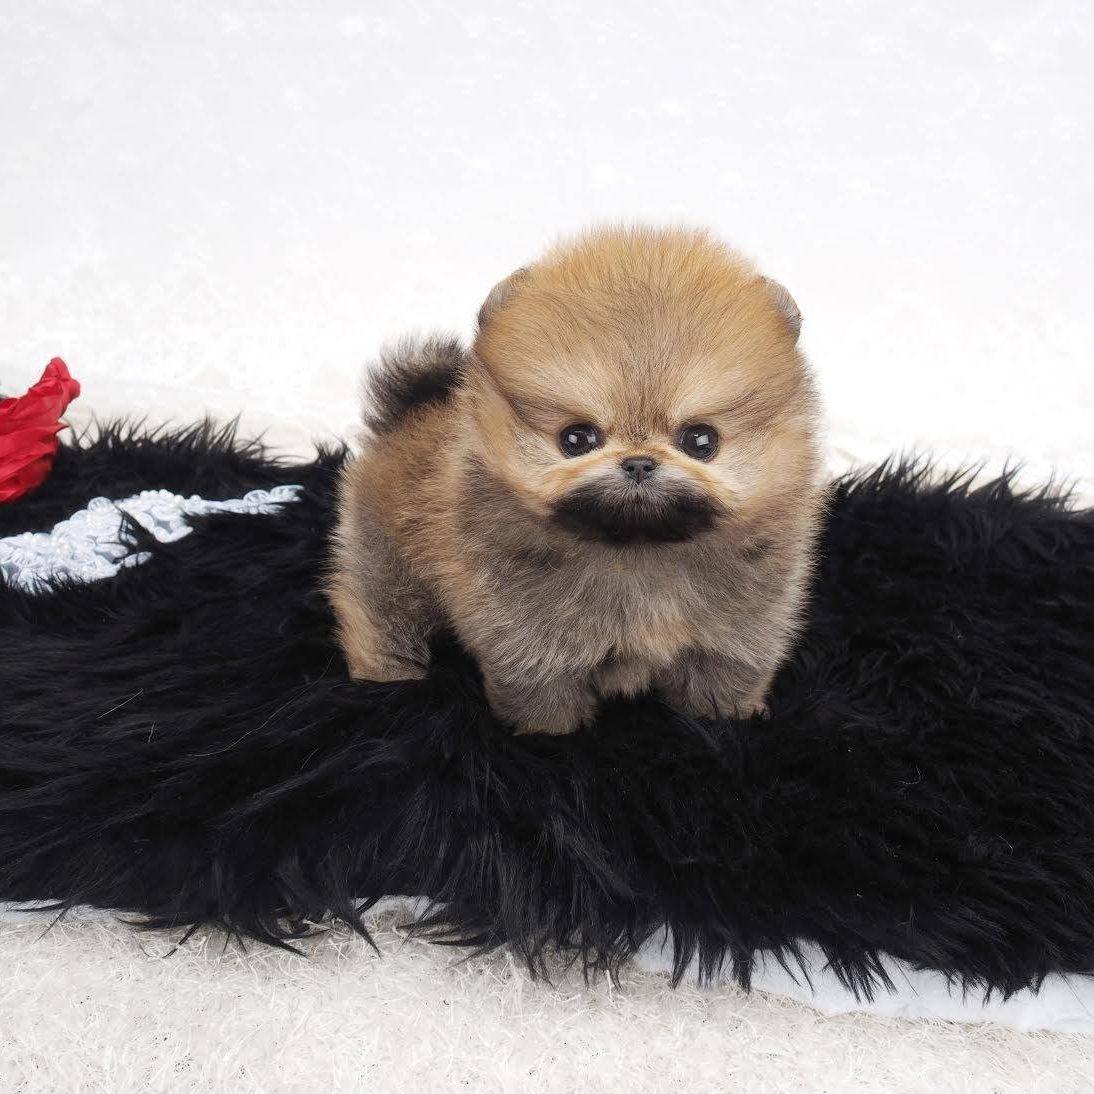 Noche Micro Pomeranian for Sale